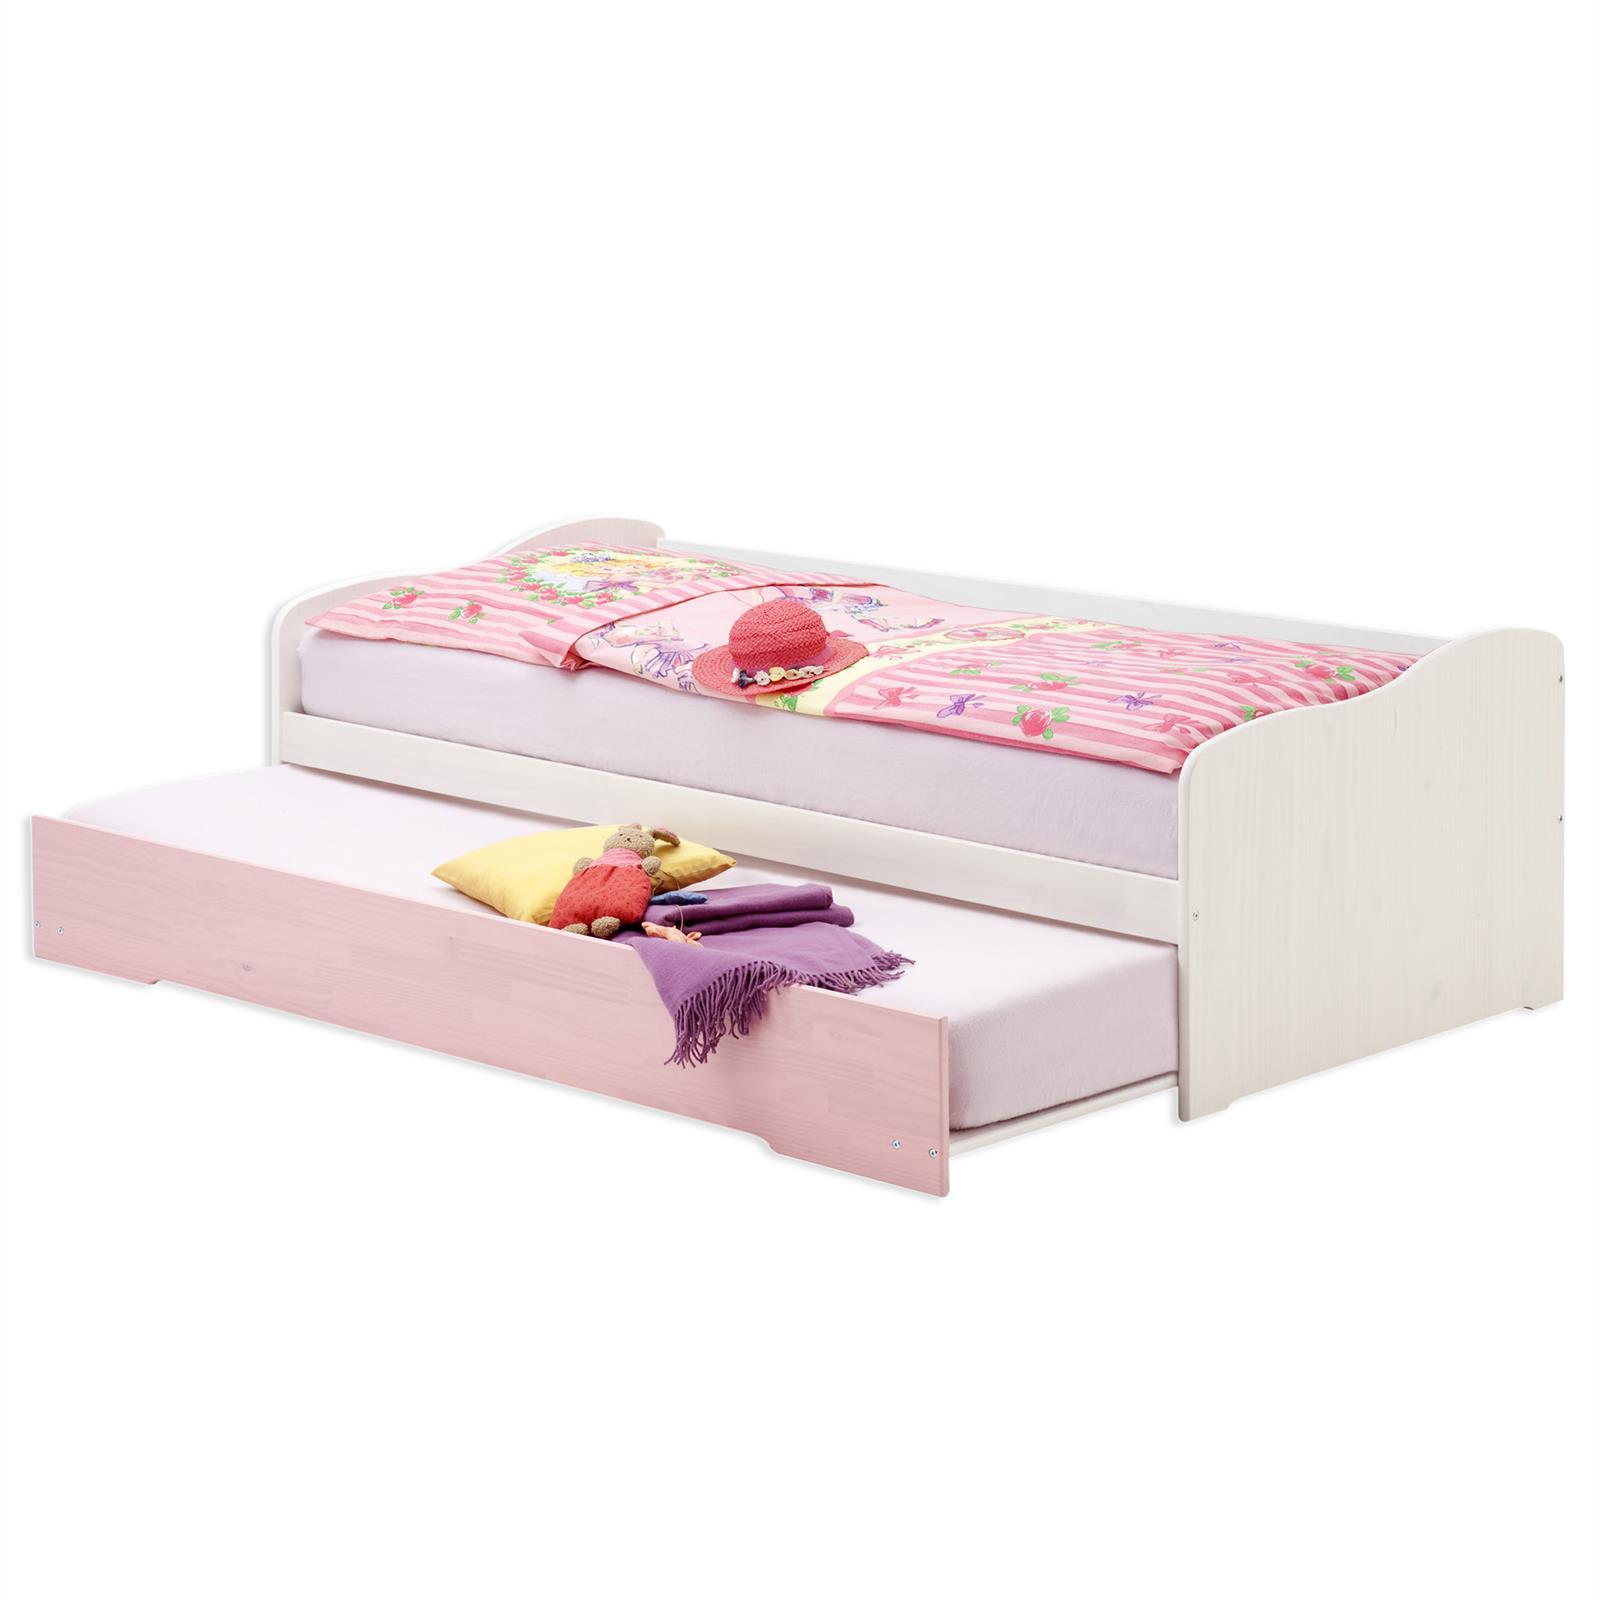 jugendbett funktionsbett g ste einzel auszugs bettkasten tandemliege 90x200 ebay. Black Bedroom Furniture Sets. Home Design Ideas